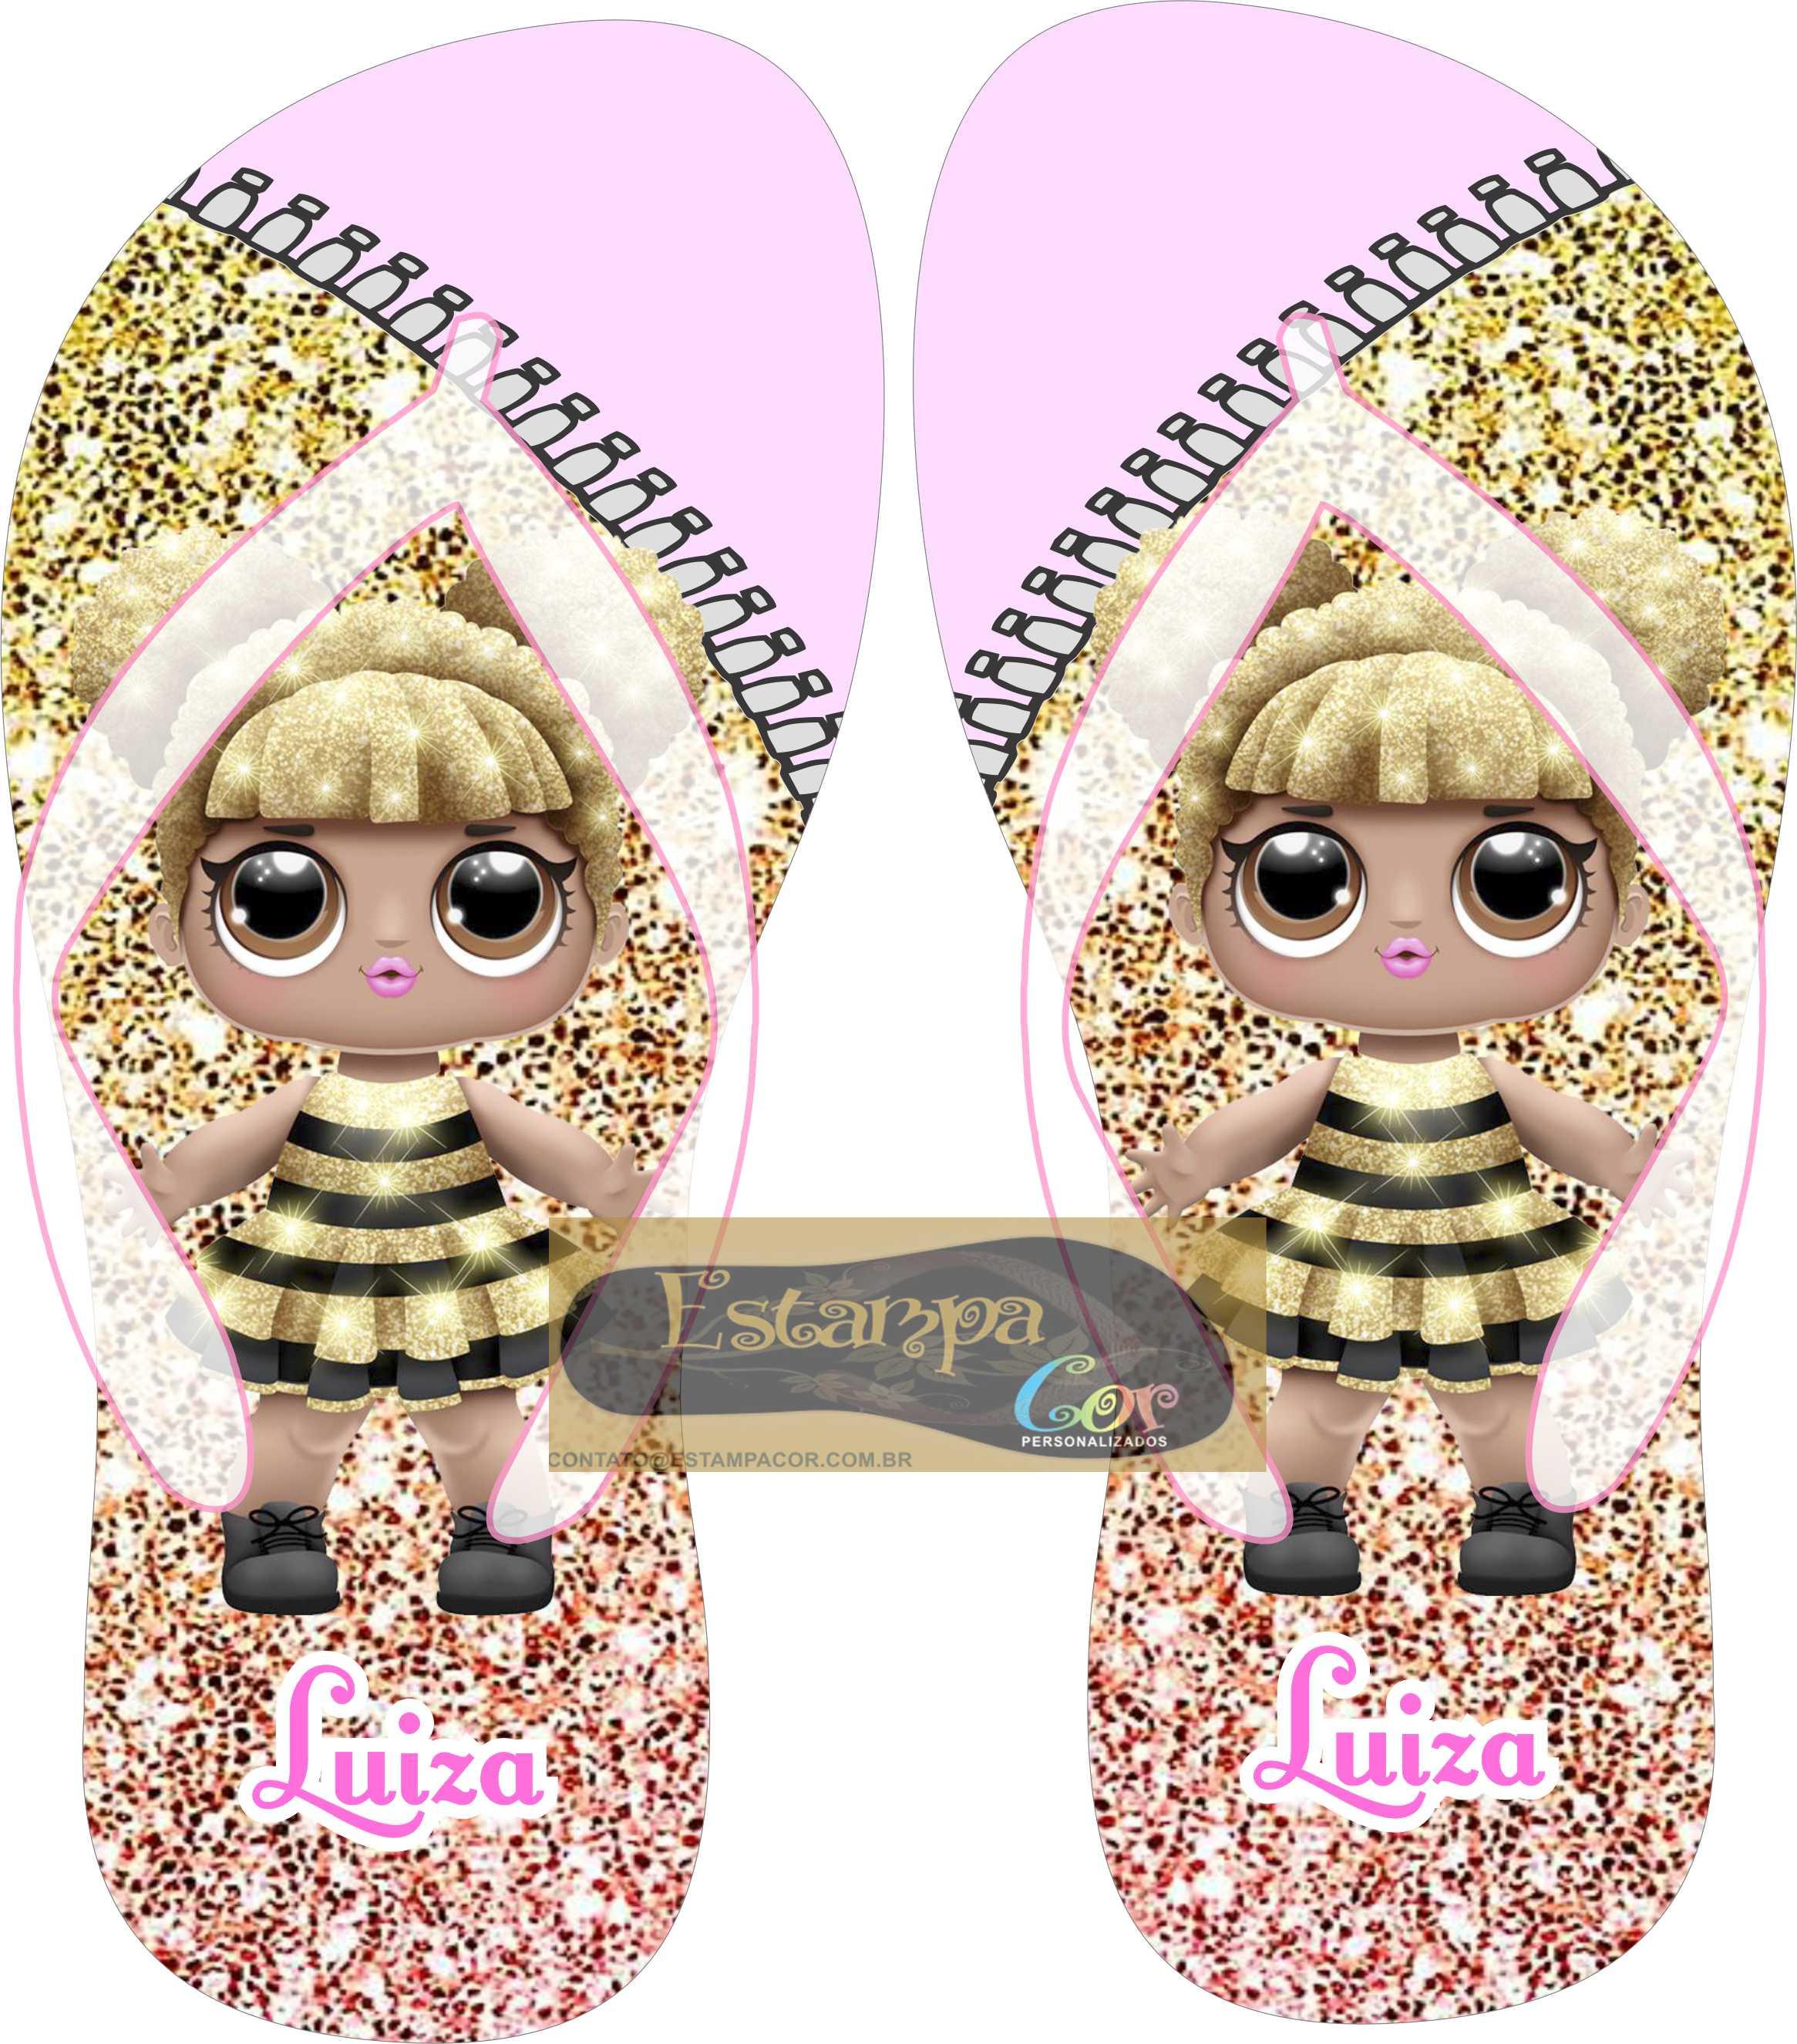 Chinelo Personalizado Boneca Lol Surprise Queen Bee